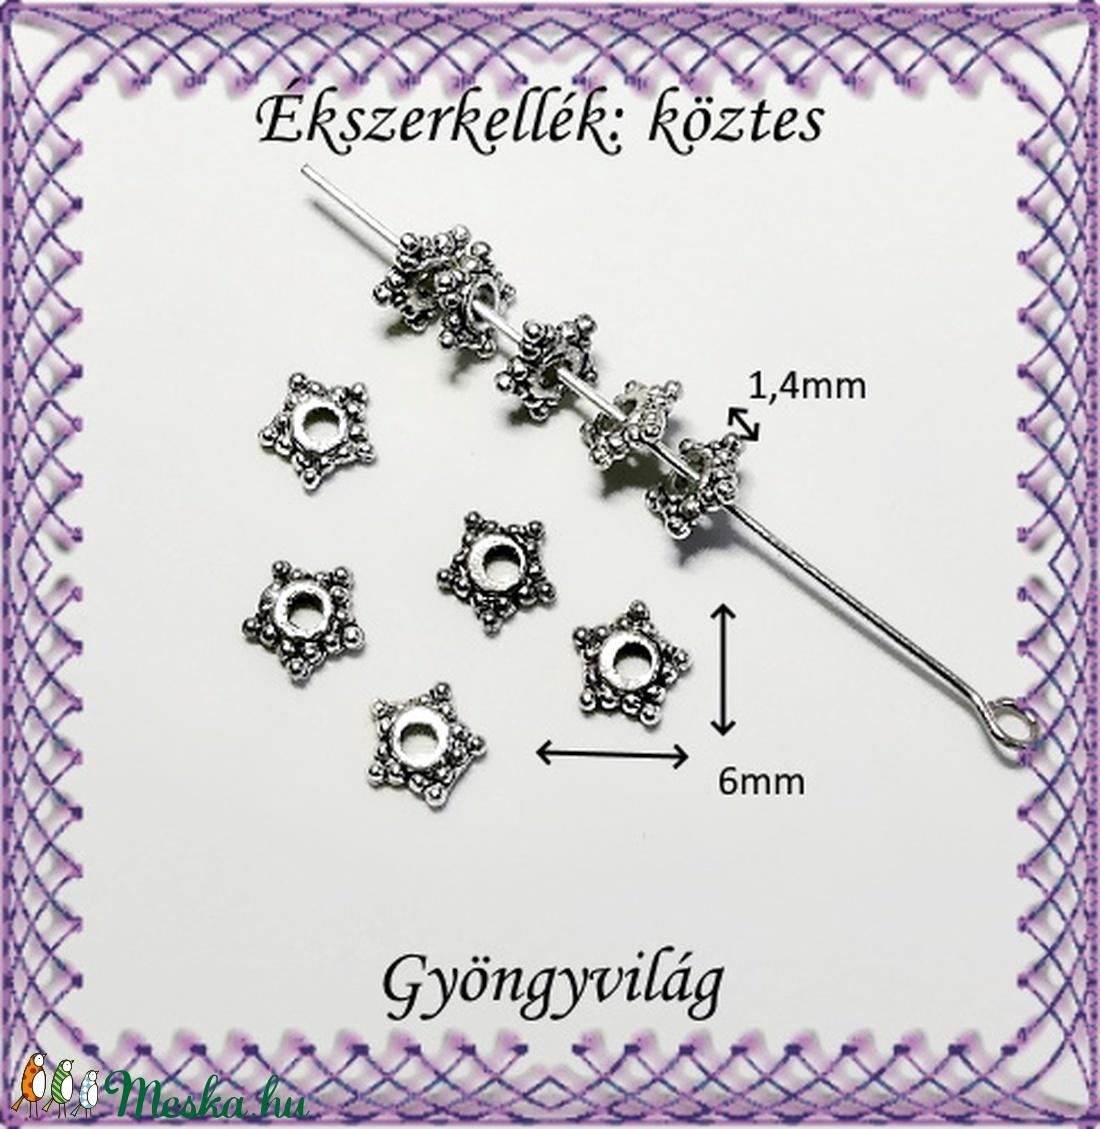 Ékszerkellék: köztes / díszítőelem / gyöngy BKÖ 1S 22-6r 15db/csomag - gyöngy, ékszerkellék - fém köztesek - Meska.hu